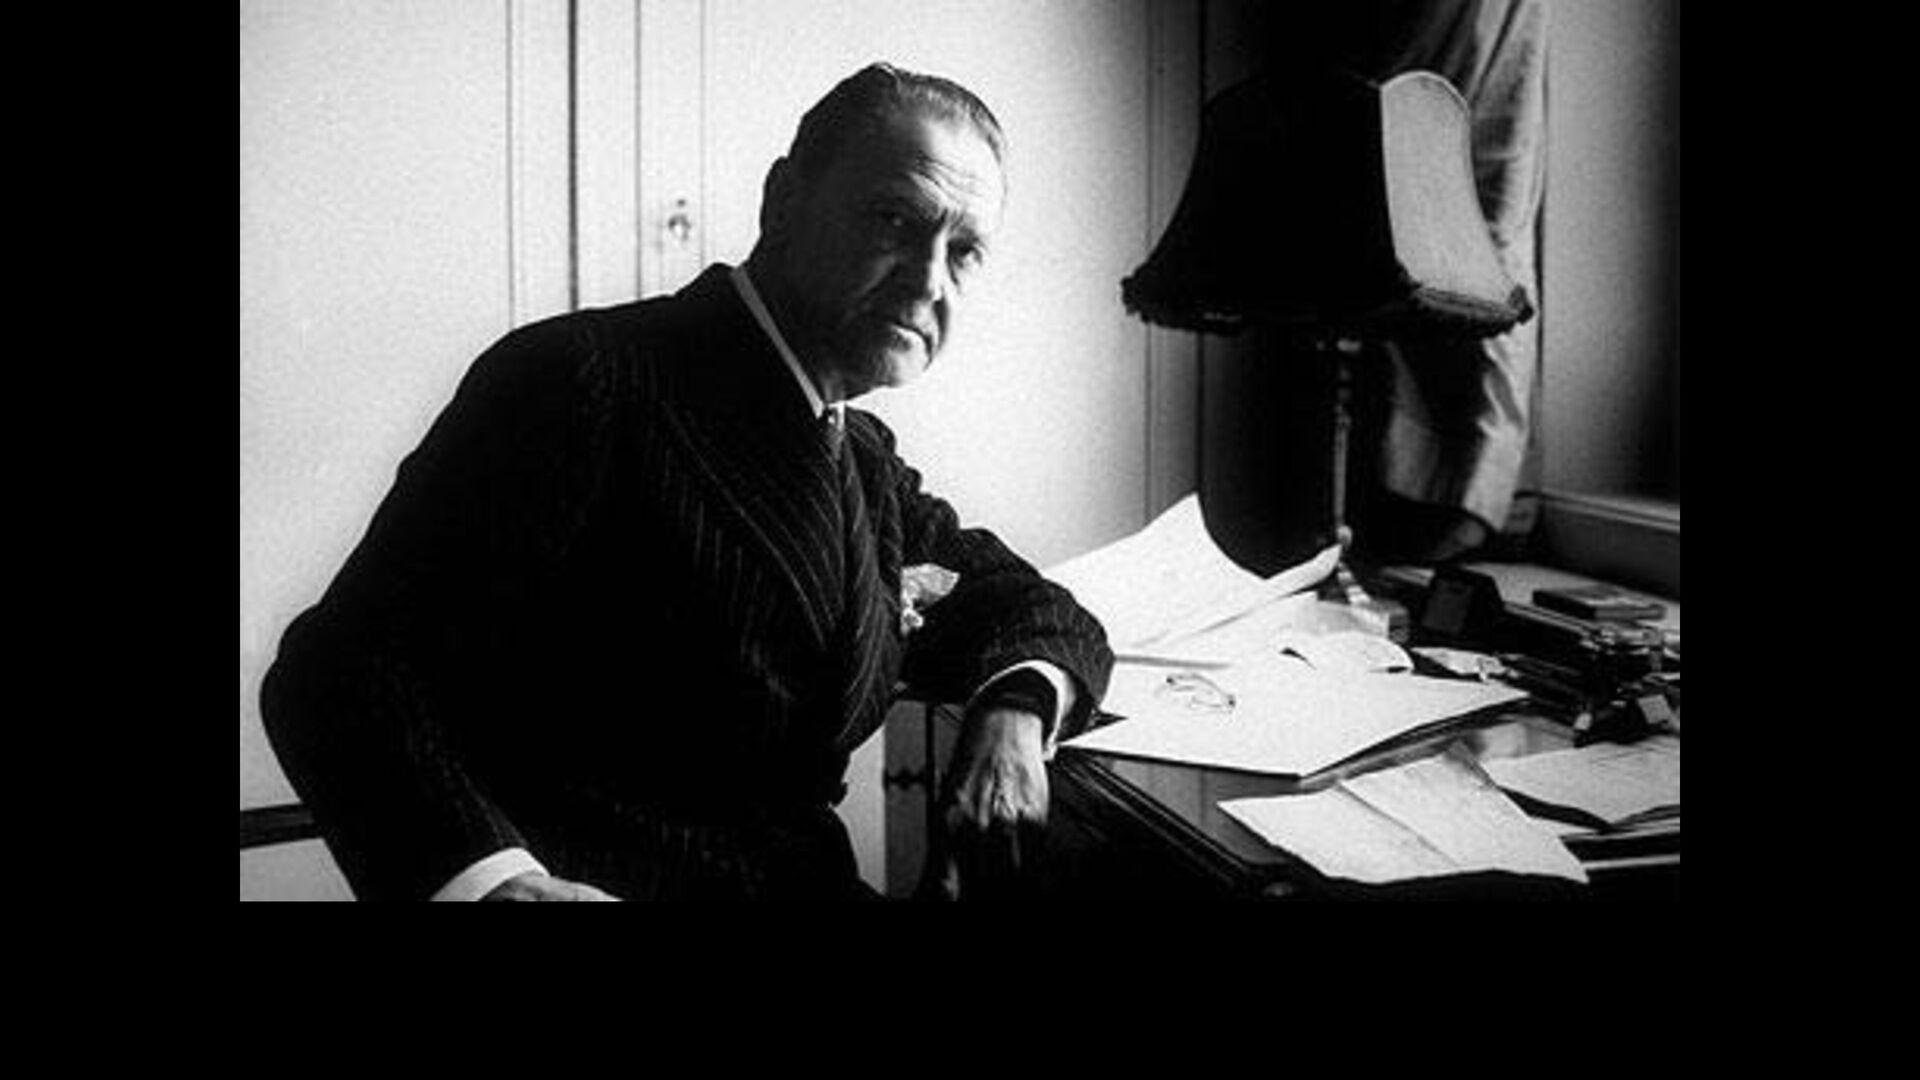 Neil Gaiman on review feedback 'When people tel...